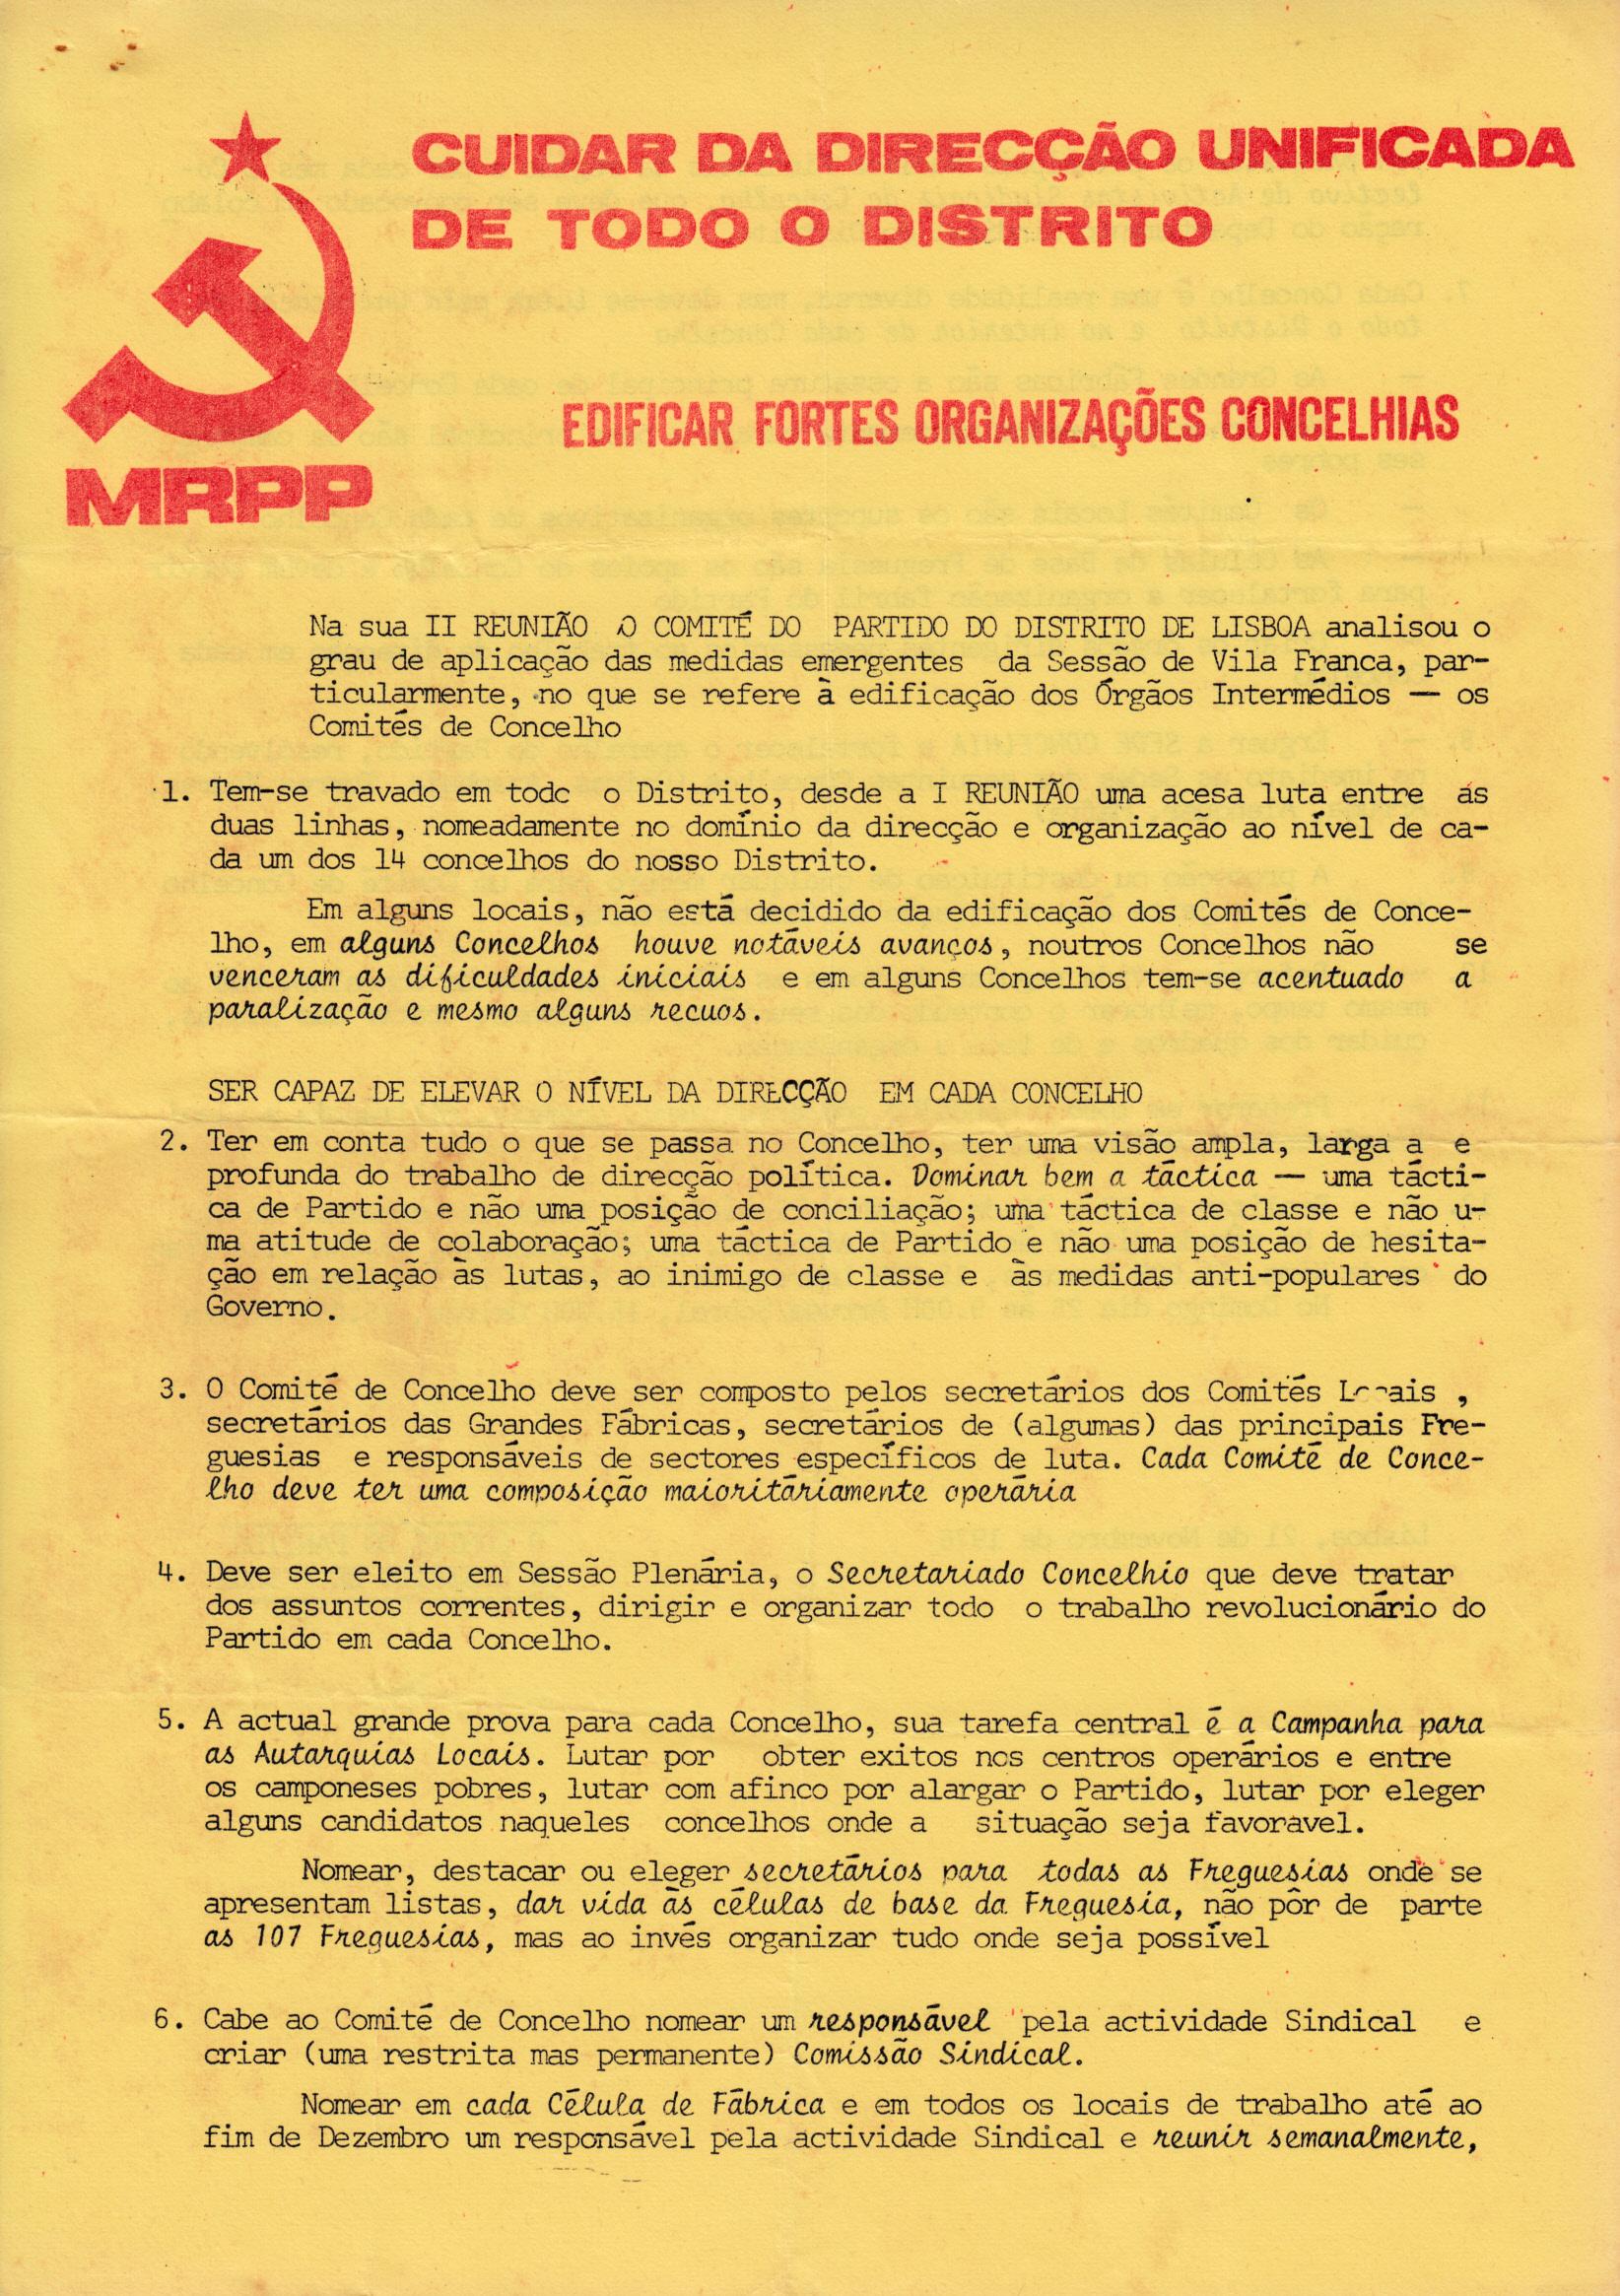 MRPP_1976_11_21_0001